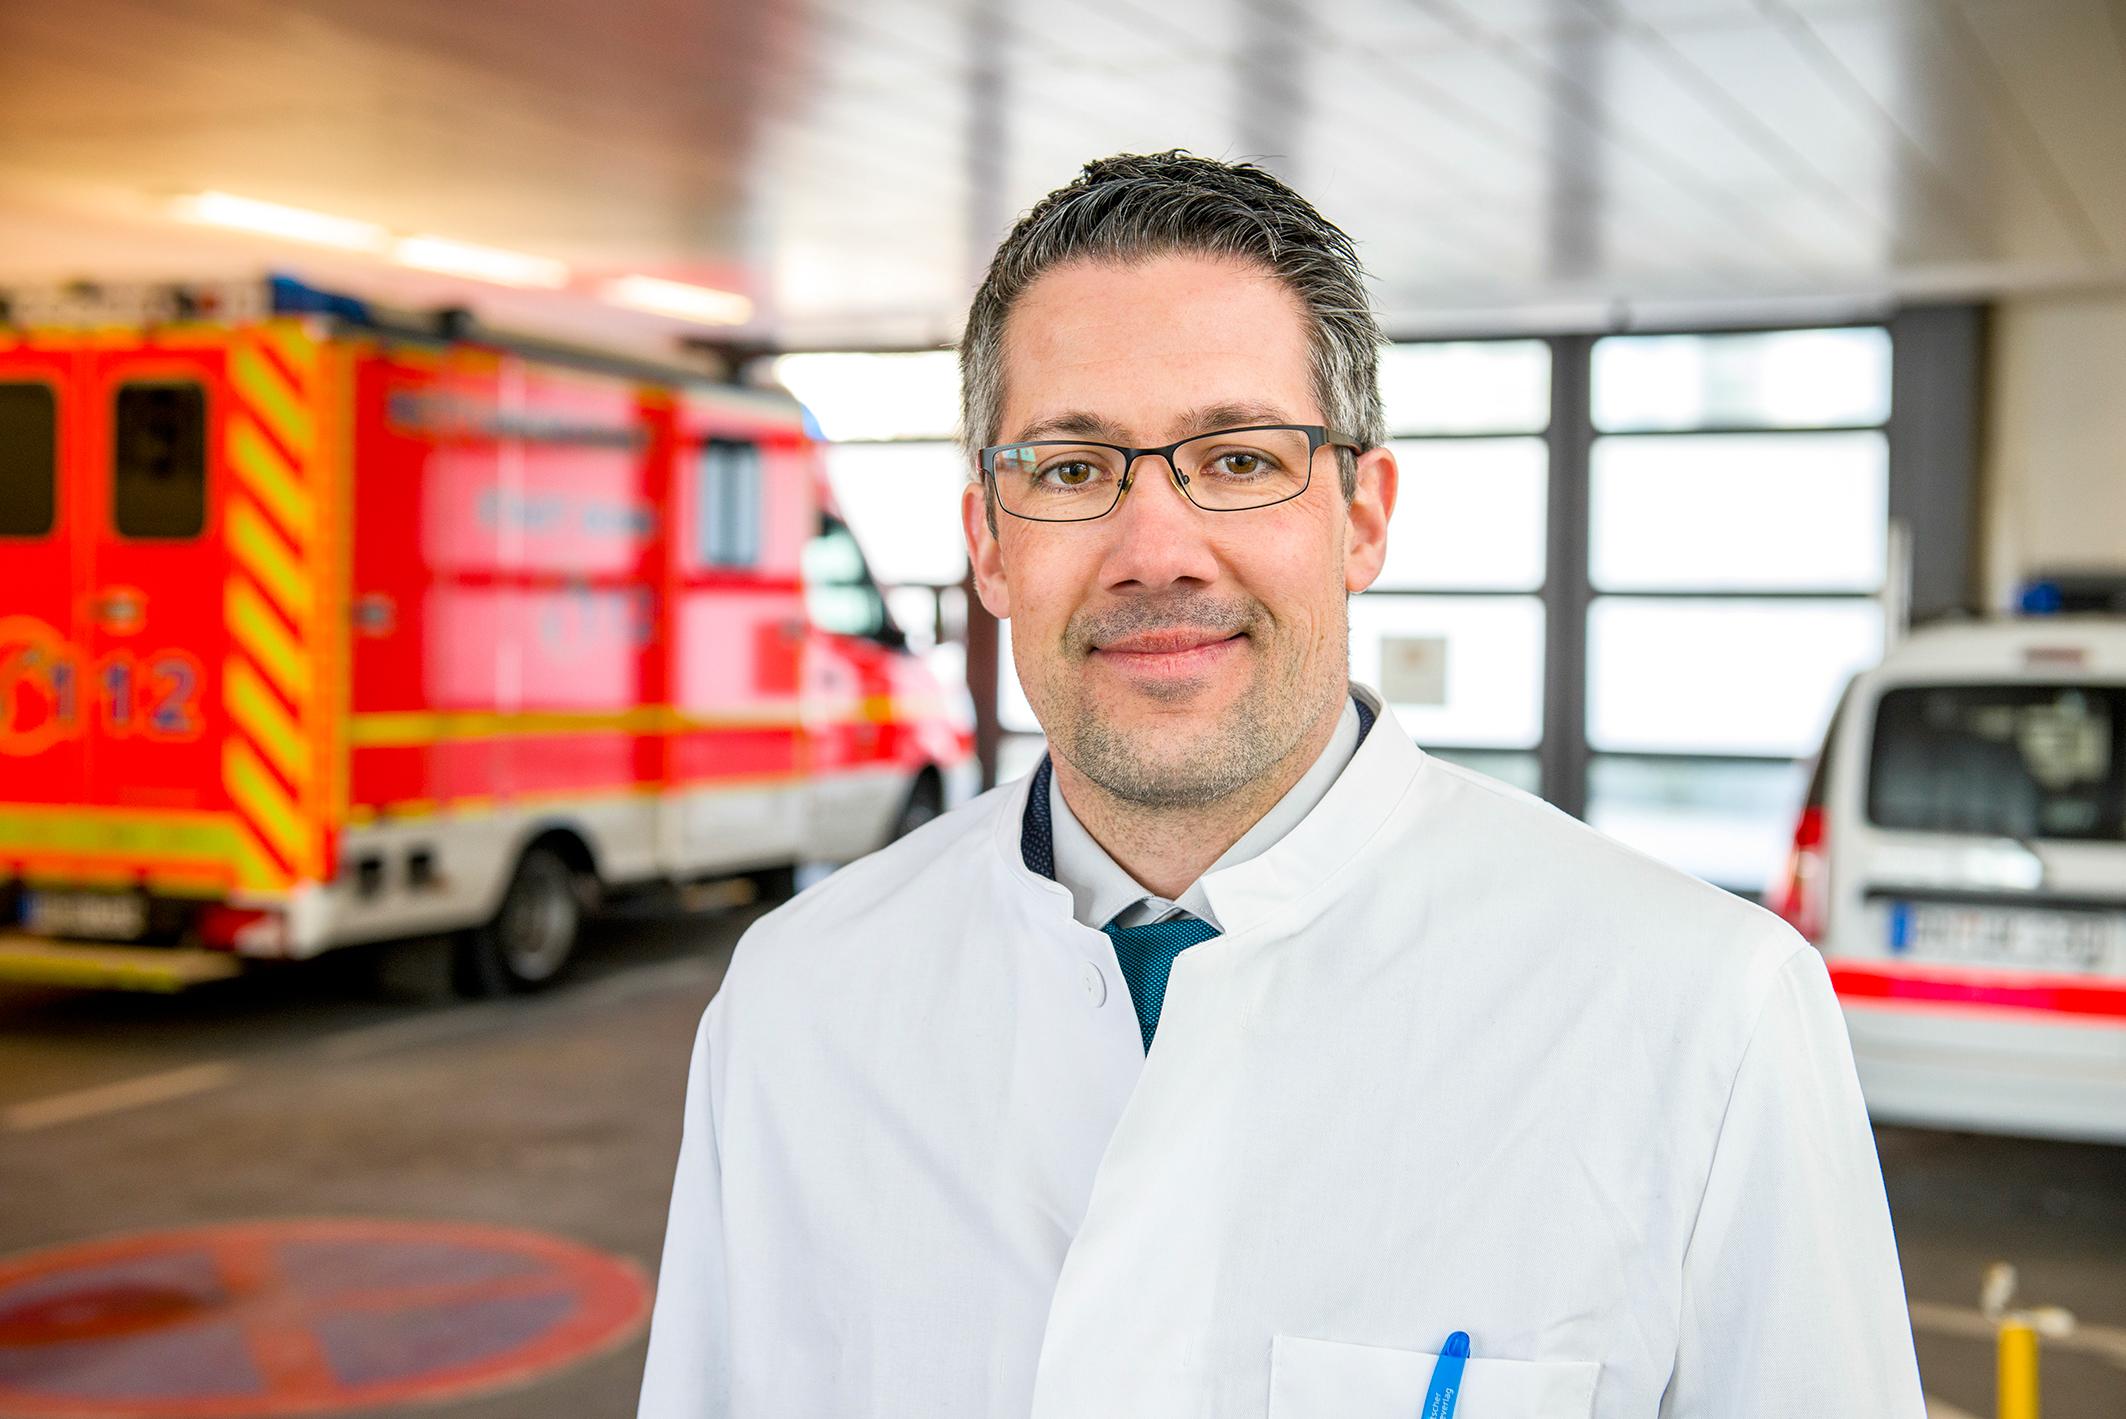 Studie über Optimierung kardiovaskulärer Prävention in der Hausarzt-Praxis